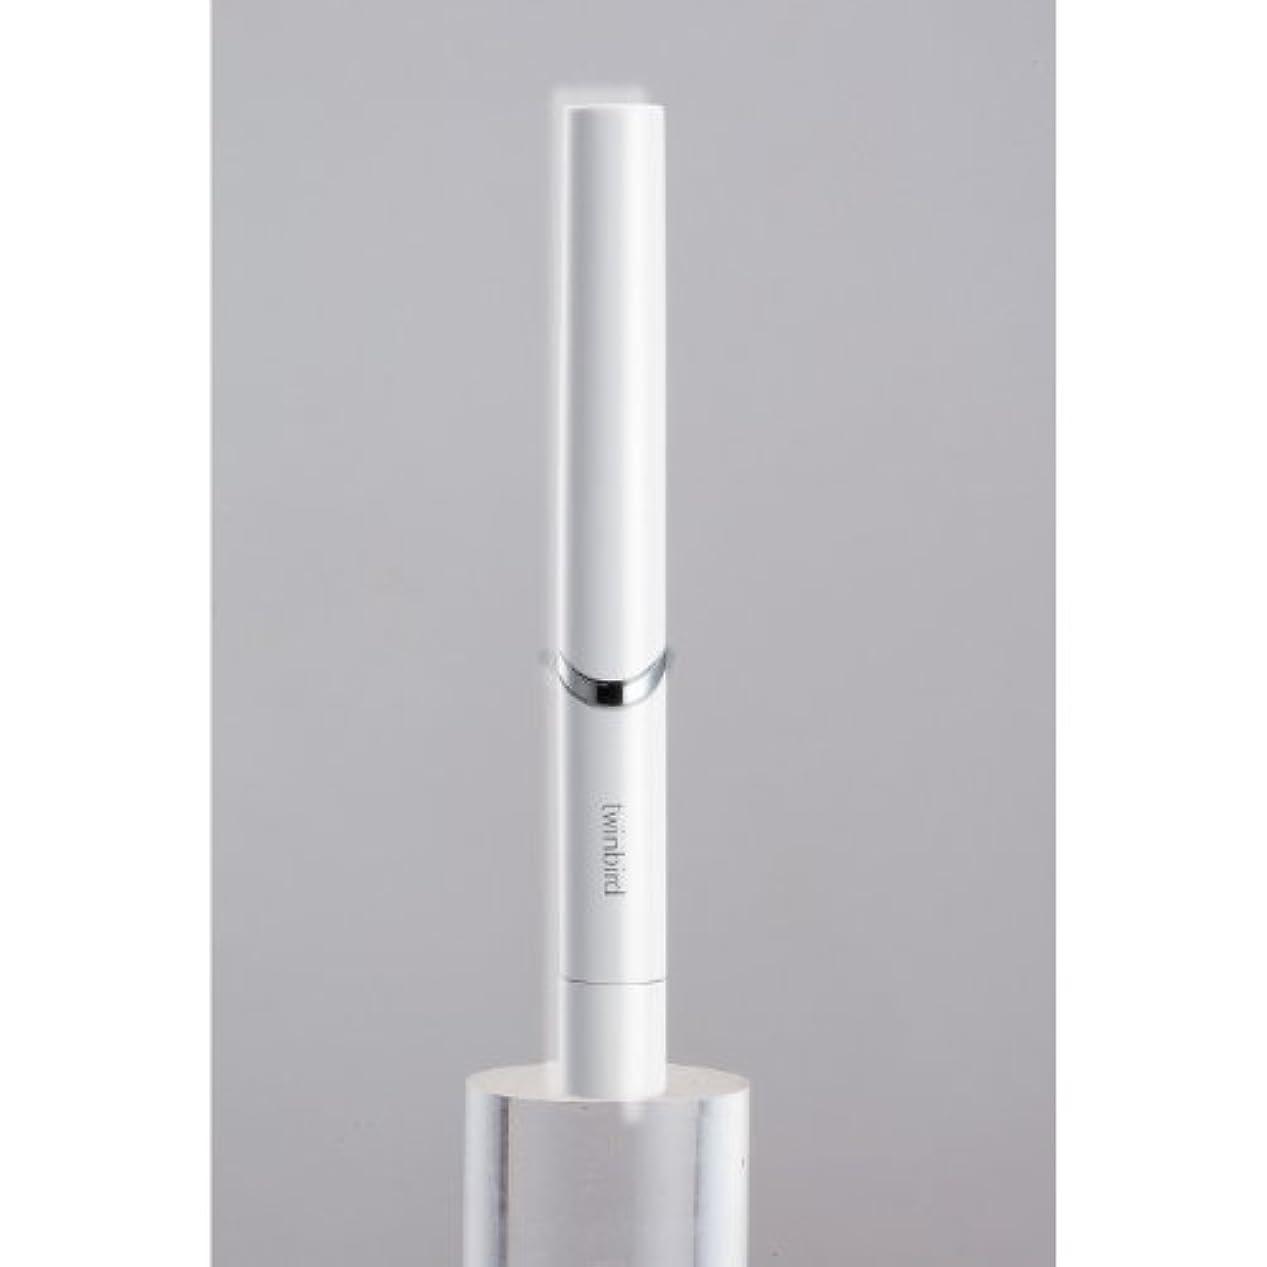 蒸留するコカインモーテルツインバード 音波振動式歯ブラシ BD-2741 ホワイト?BD-2741W